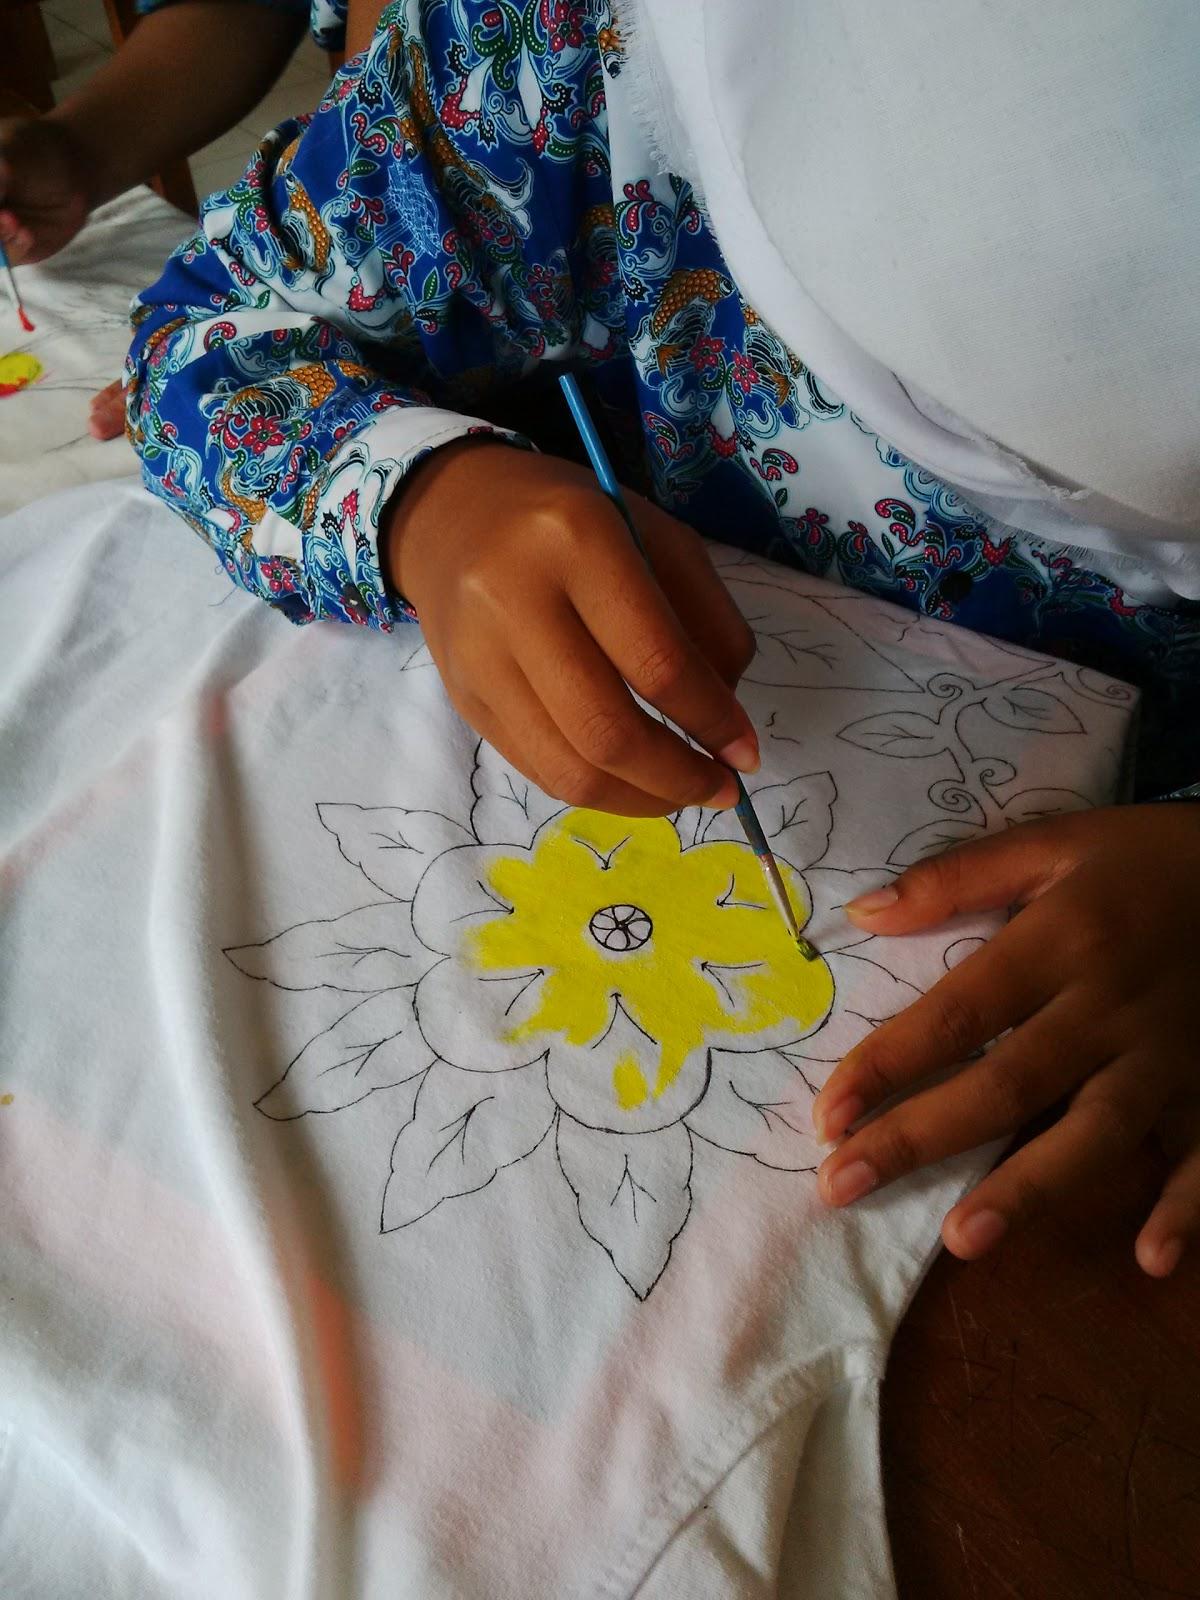 Teknik Menggambar Ragam Hias Pada Bahan Tekstil : teknik, menggambar, ragam, bahan, tekstil, RAGAM, BAHAN, TEKSTIL, KELAS